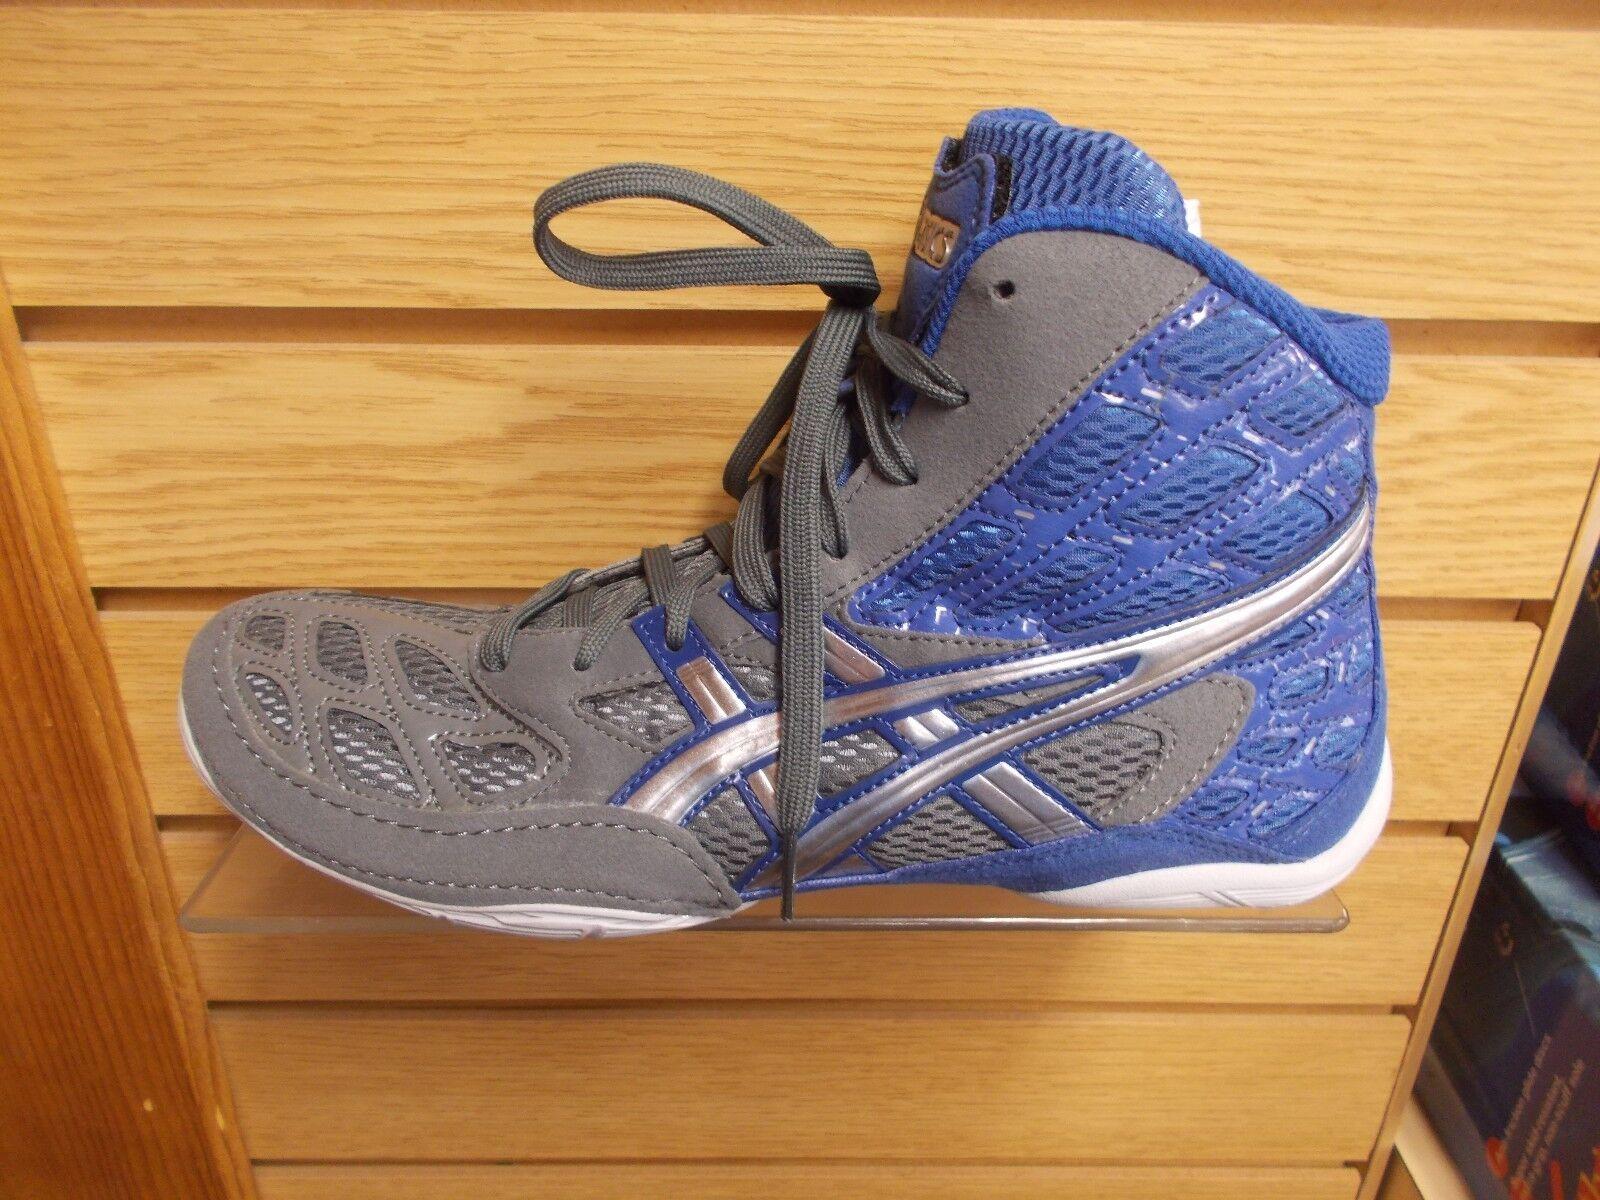 asic seconde 9 chaussures hommes nouvelles chaussures 9 de lutte bleu taille 8 à 13) a3b28b